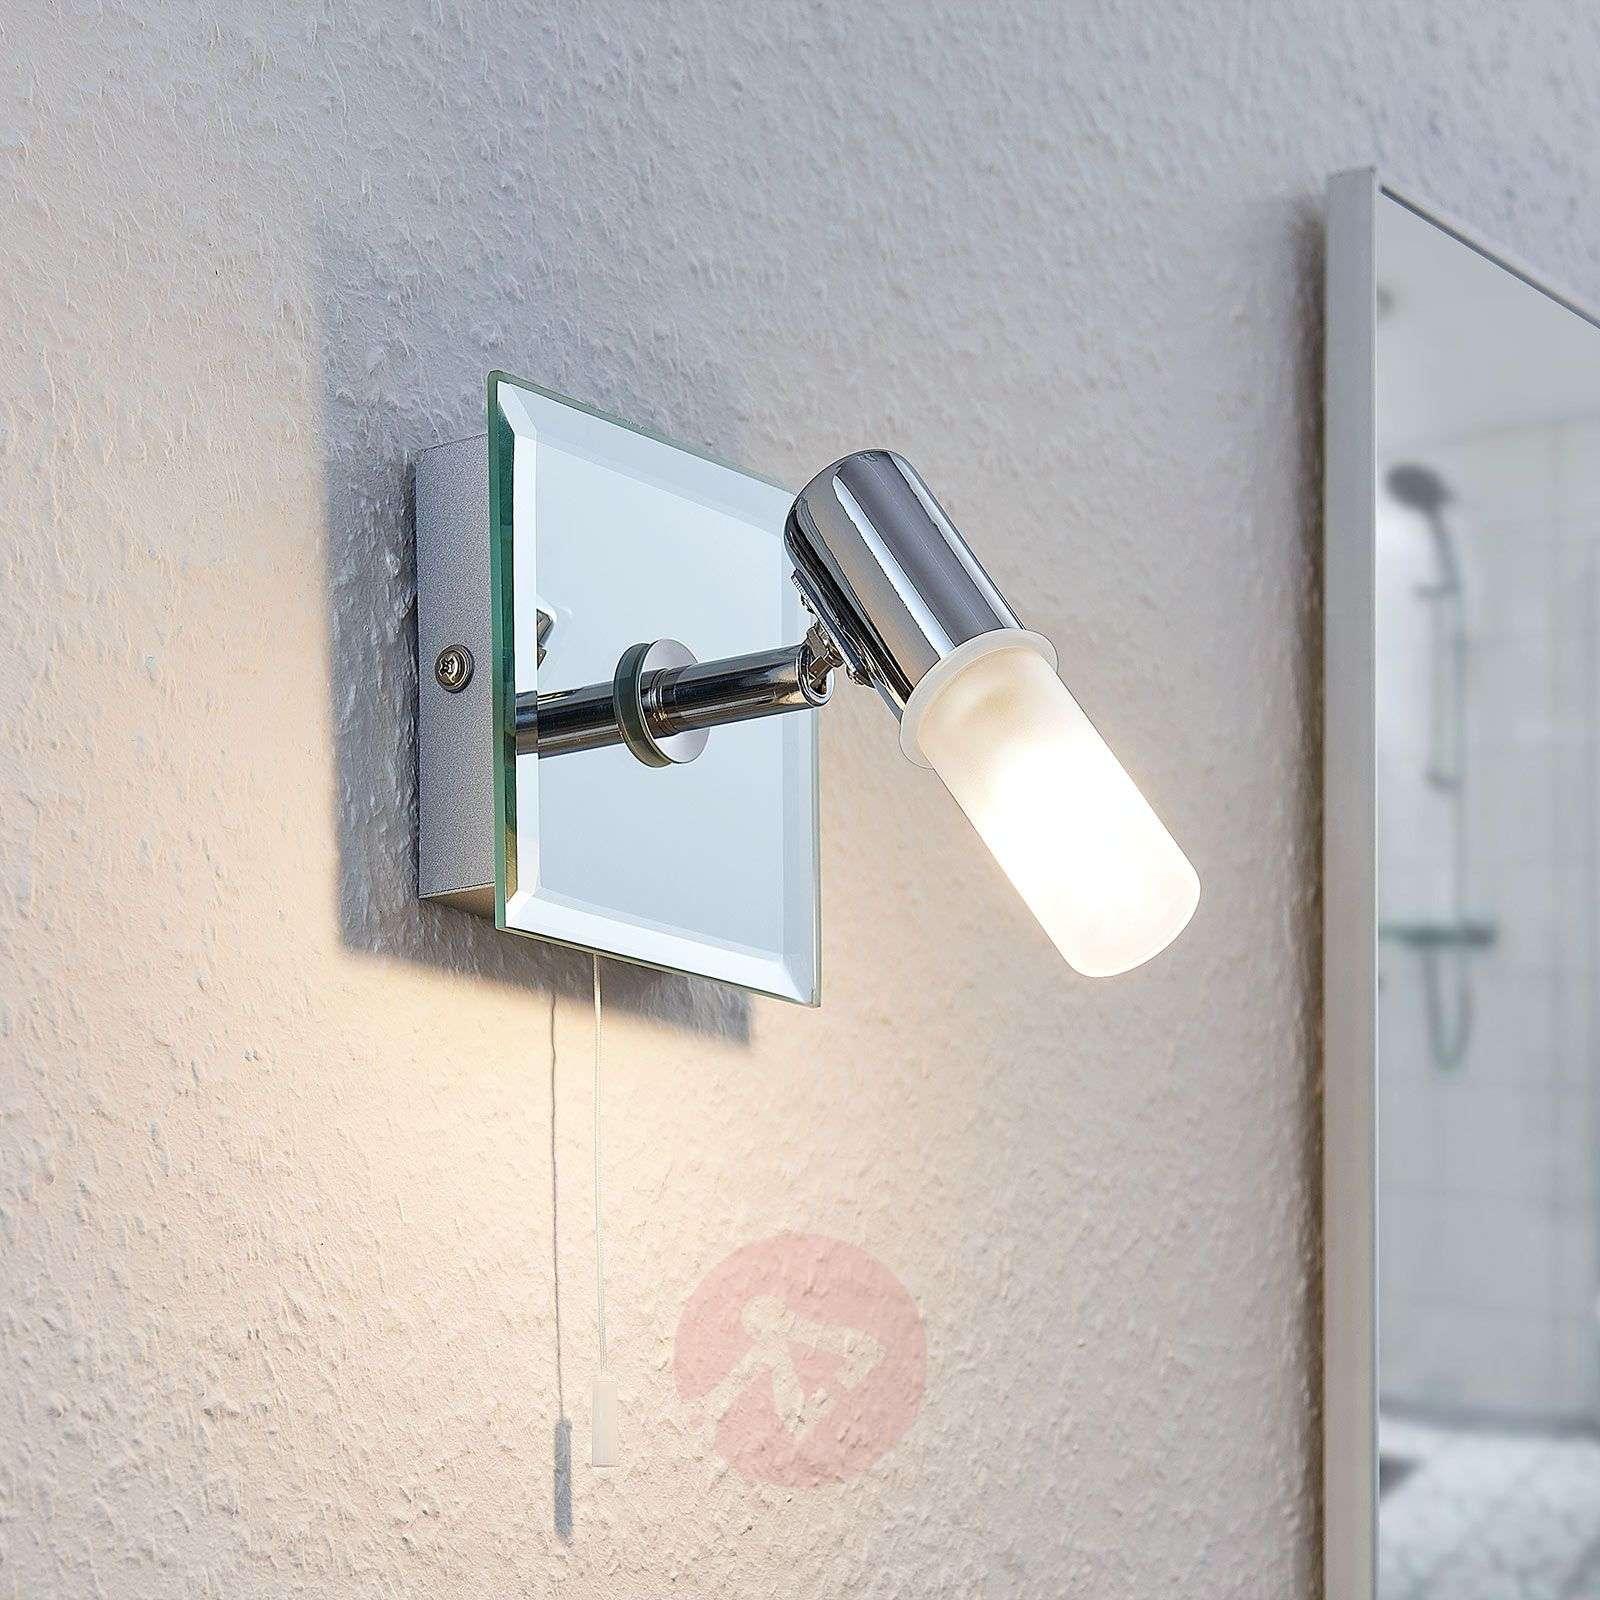 Seinävalaisin Zela, kylpyhuonelamppu, vetokytkin-9624383-02